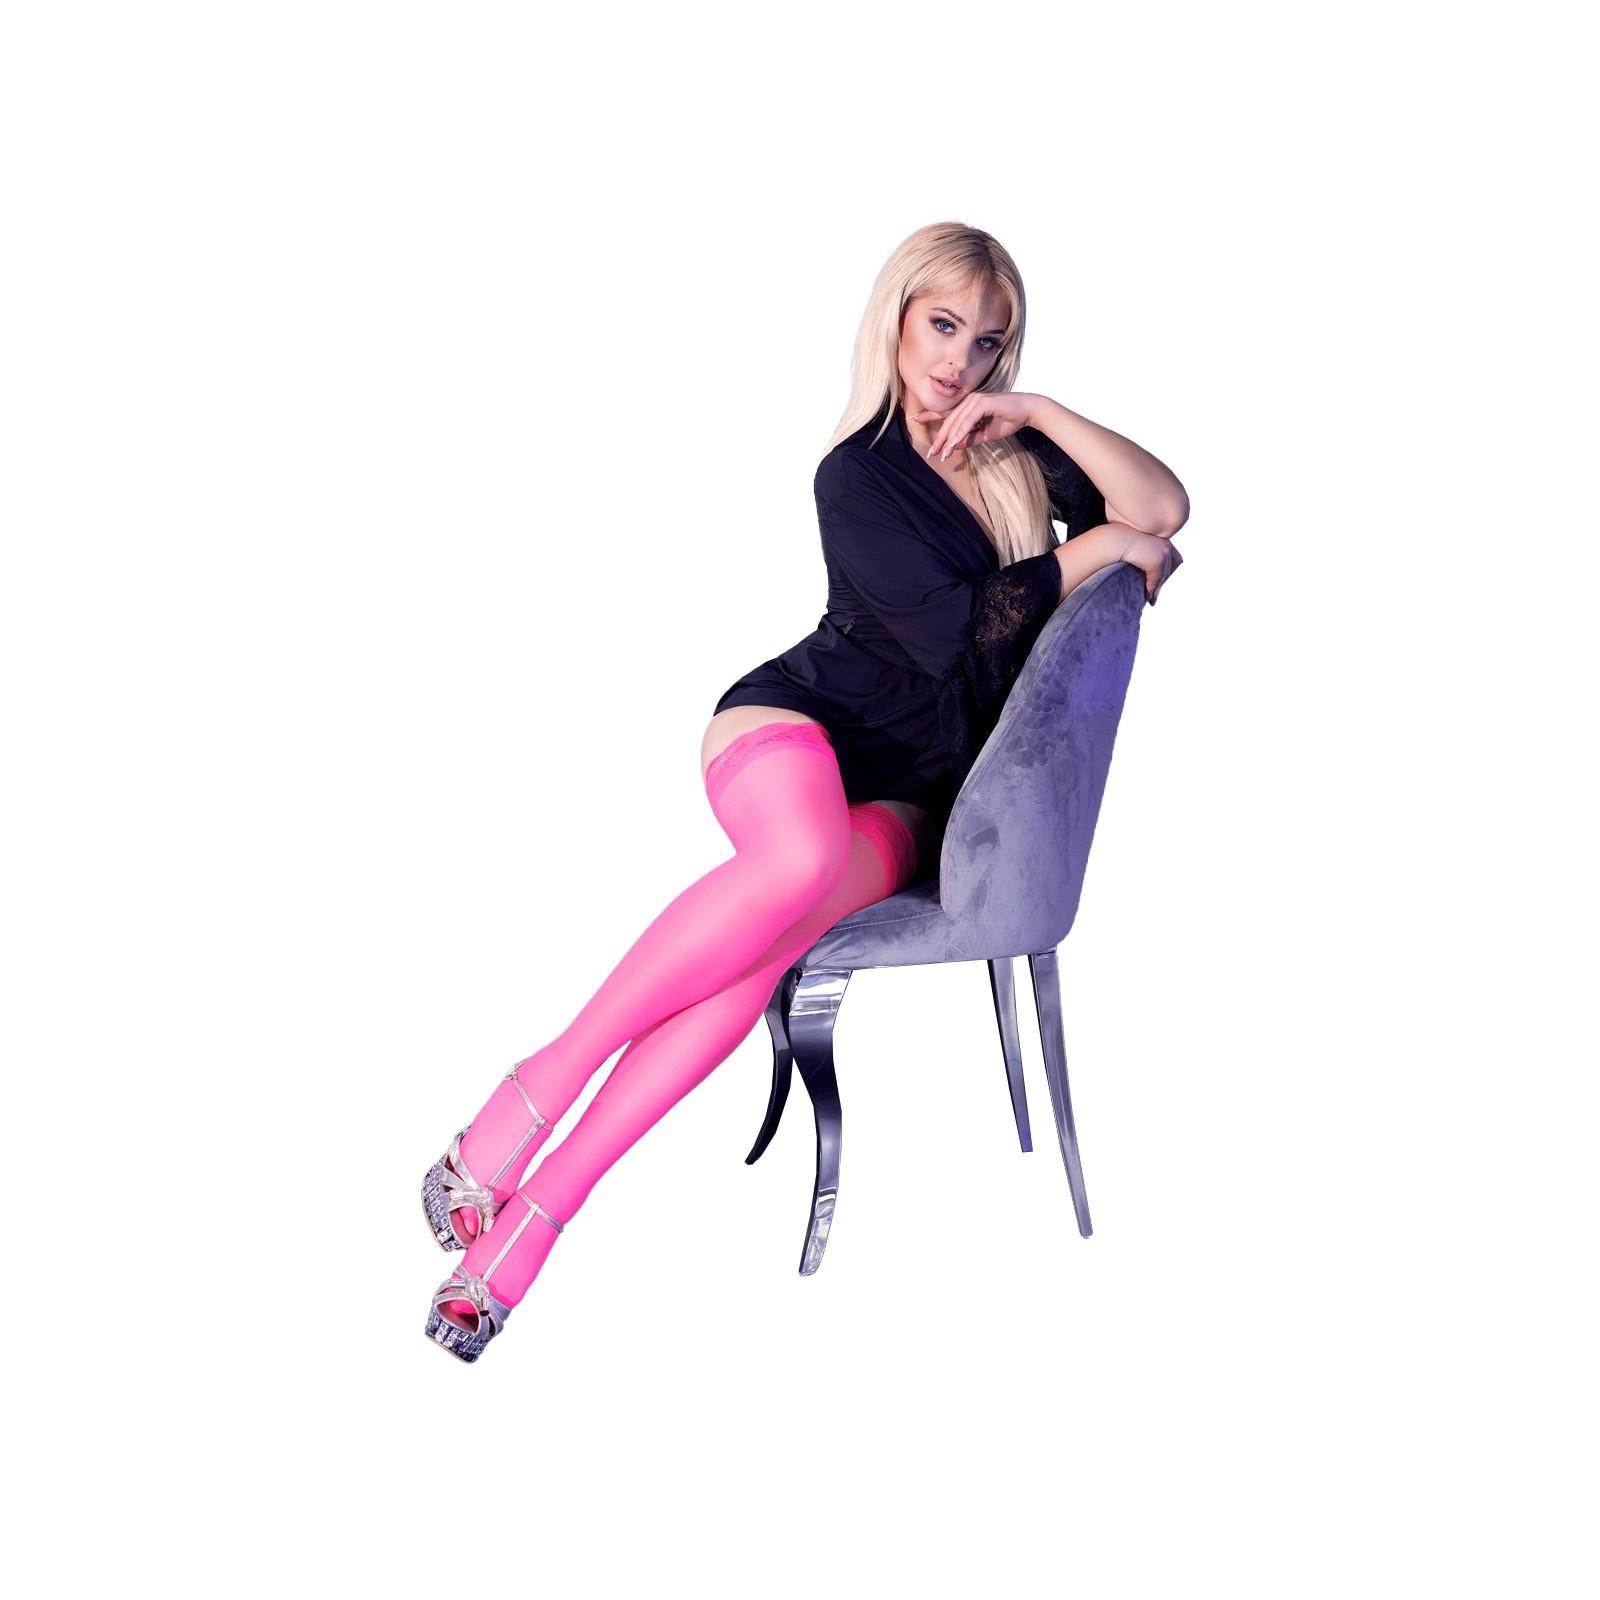 Strümpfe CR4389 hot pink - 4 - Vorschaubild